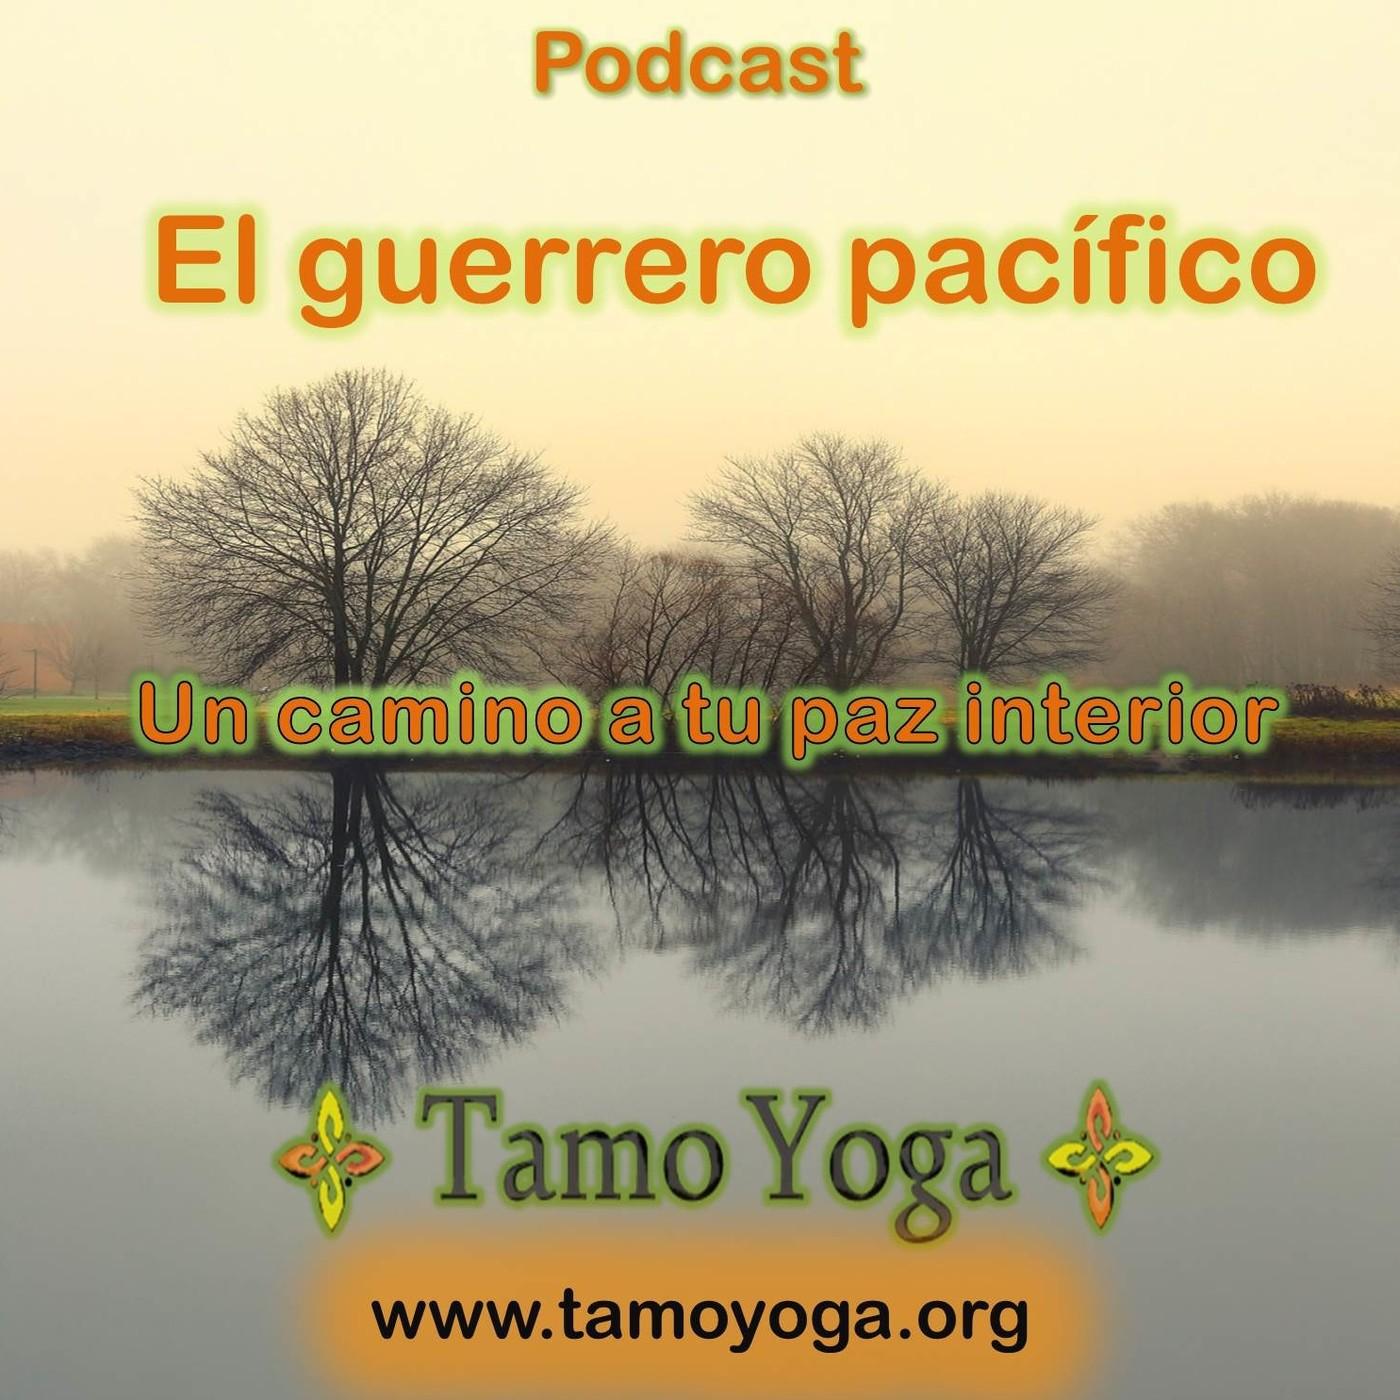 Xavi Tamo yoga